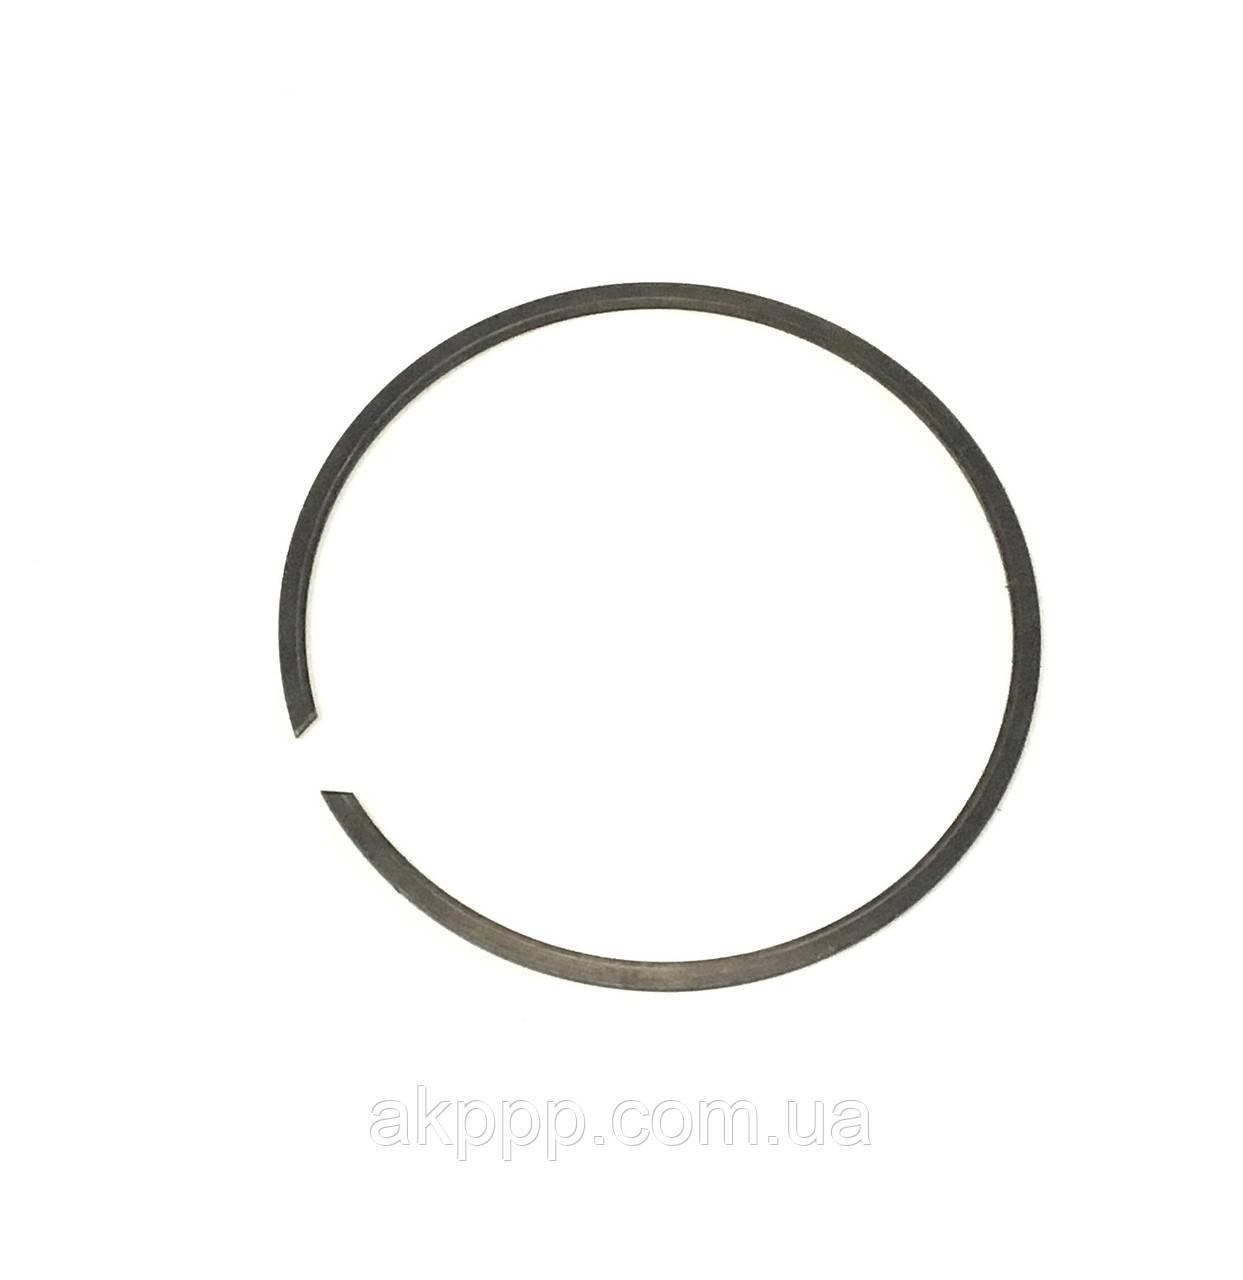 Стпорное кольцо акпп U660E поршня B3, б/у